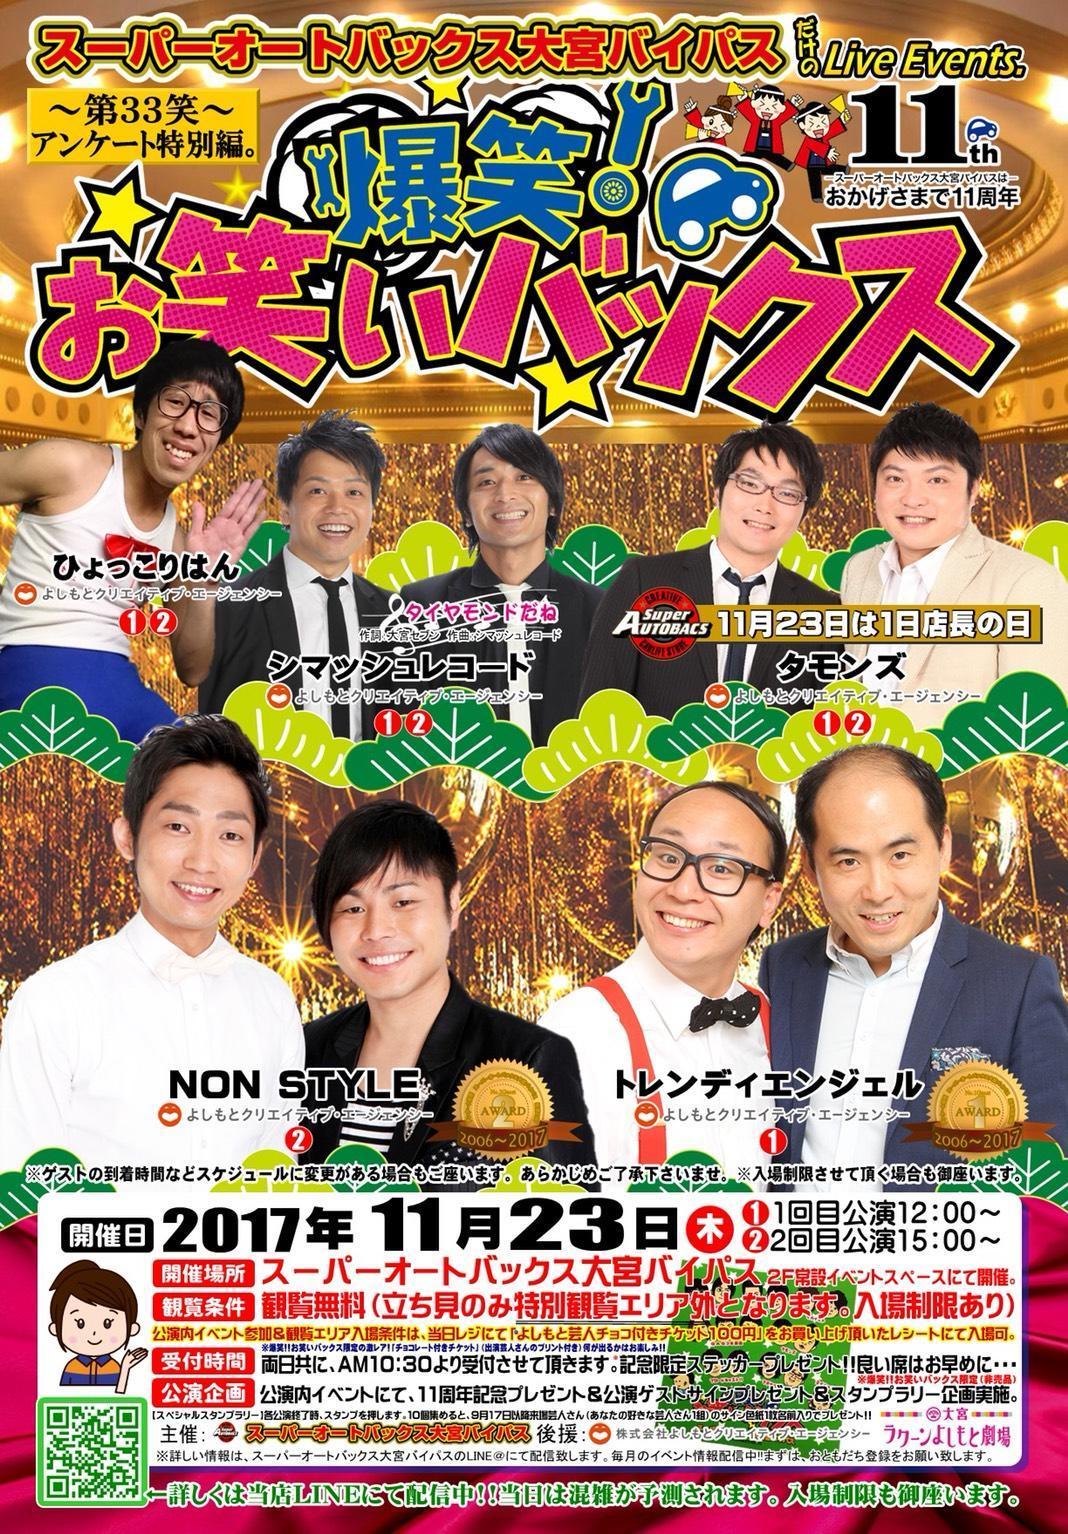 http://news.yoshimoto.co.jp/20171101121311-a184c783d2266de30a6c13ce5d868418308ad0fc.jpg